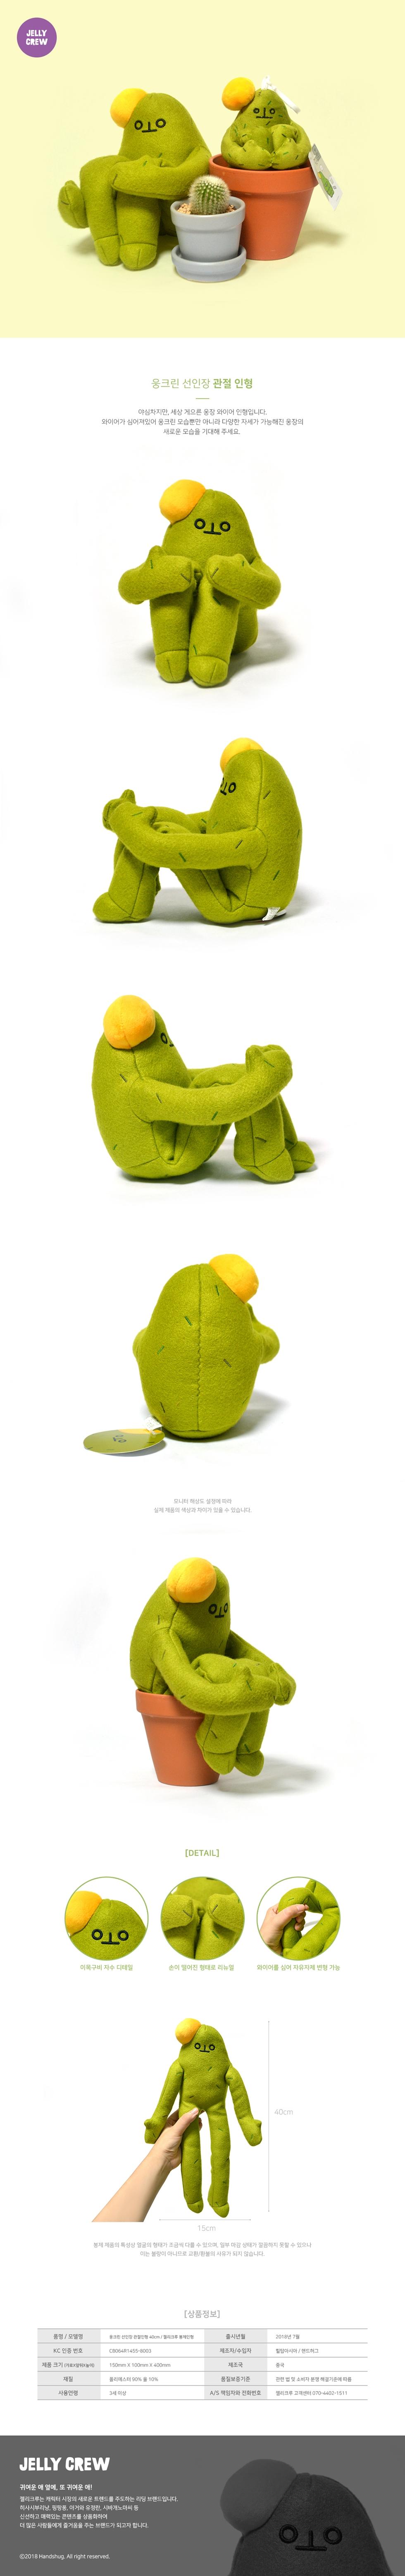 젤리크루 웅크린 선인장 관절인형 40cm - 젤리크루, 25,000원, 캐릭터인형, 기타 캐릭터 인형